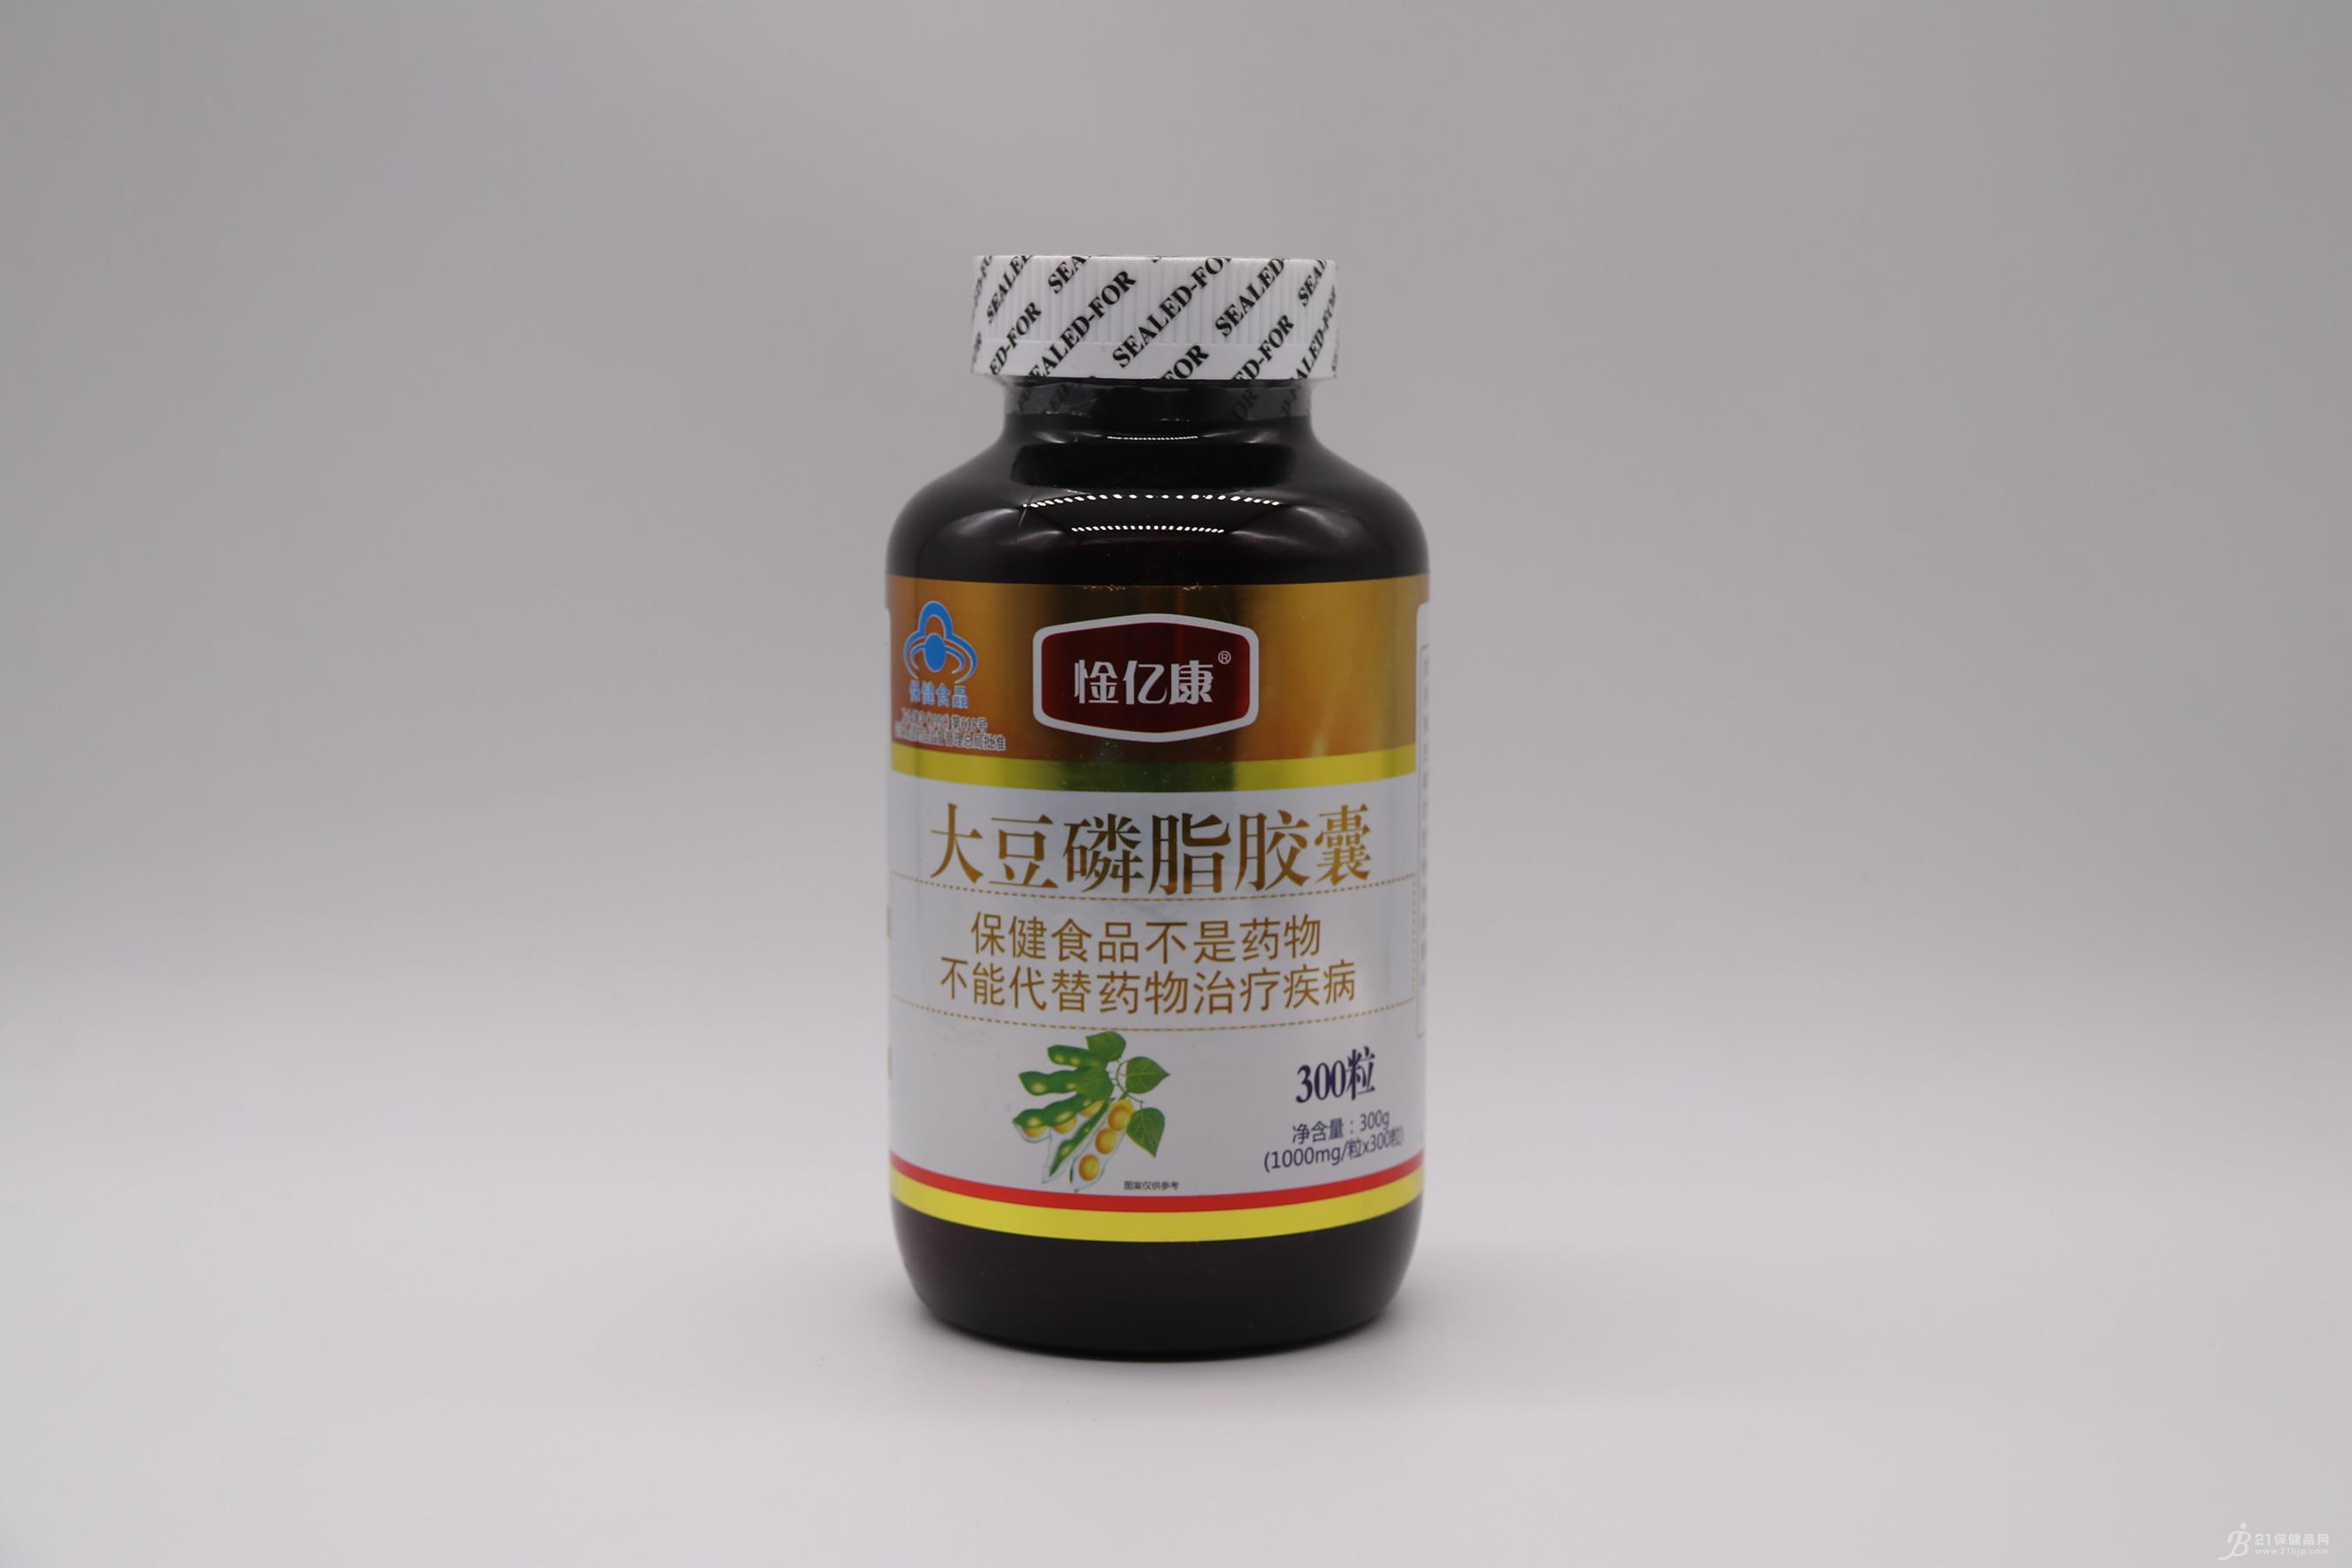 大豆磷脂胶囊1000mg*300粒/瓶招商